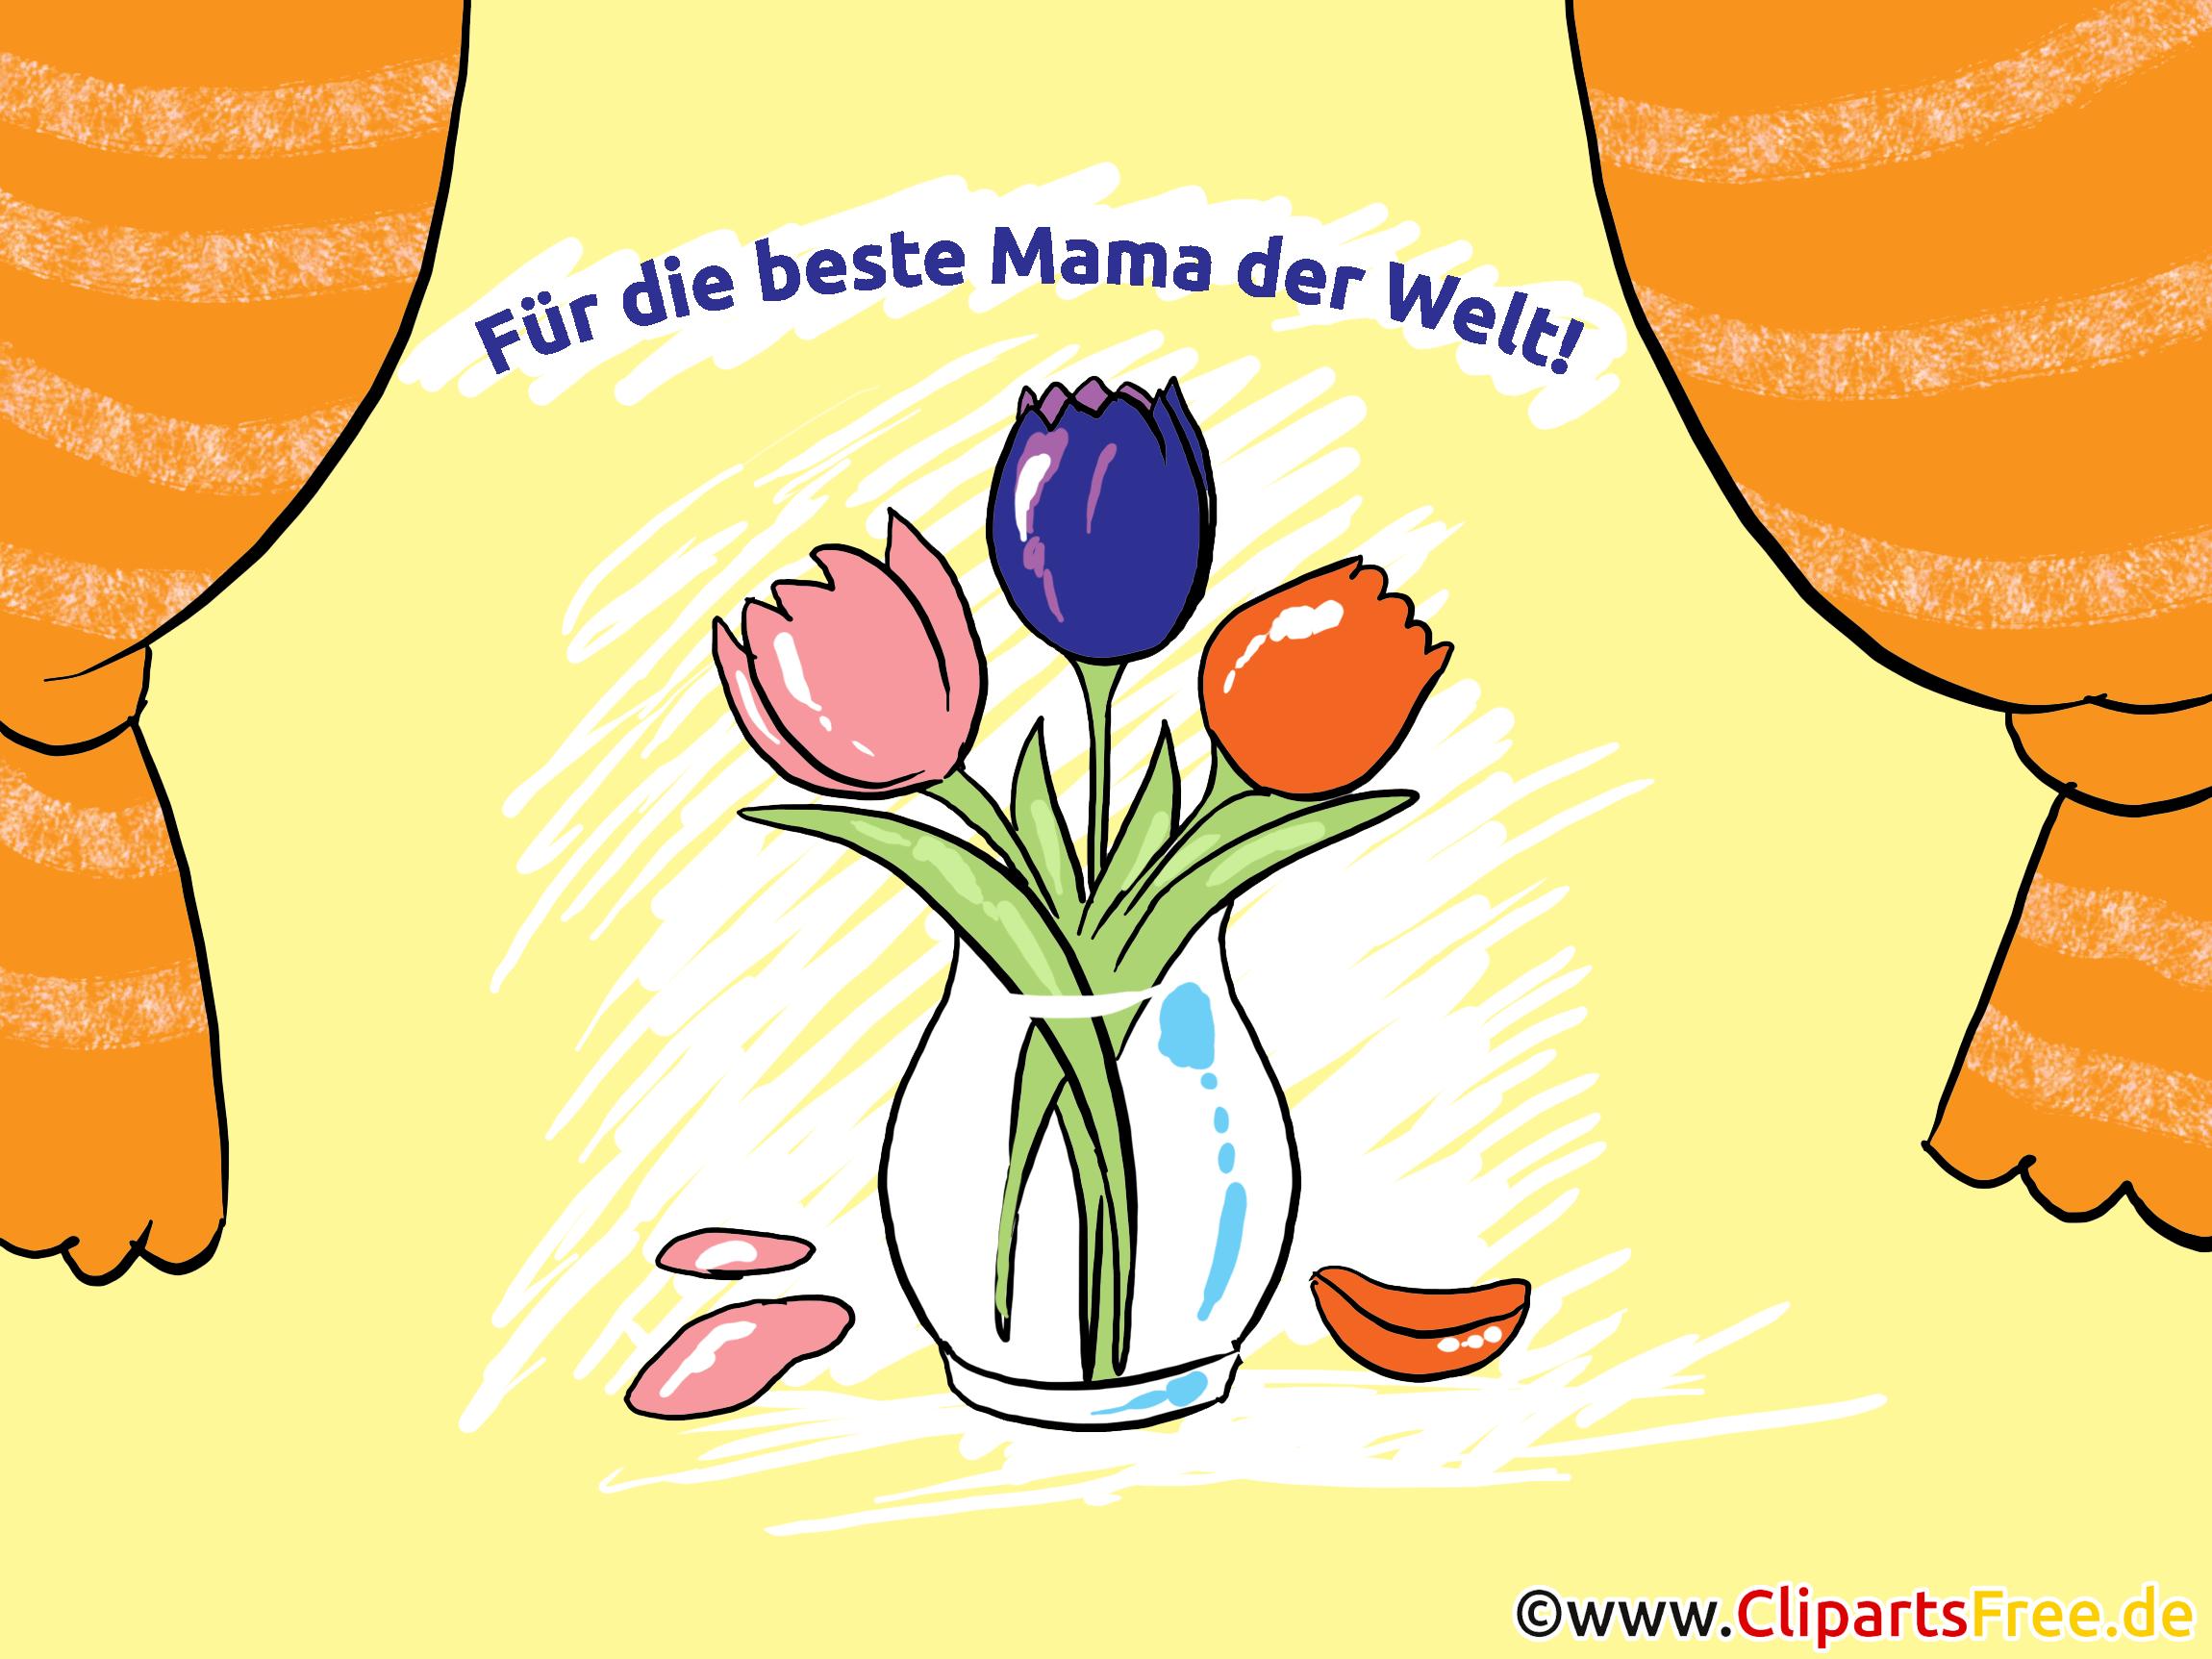 Muttertagsgeschenke selbst basteln zum Muttertag z. B. Grusskarten